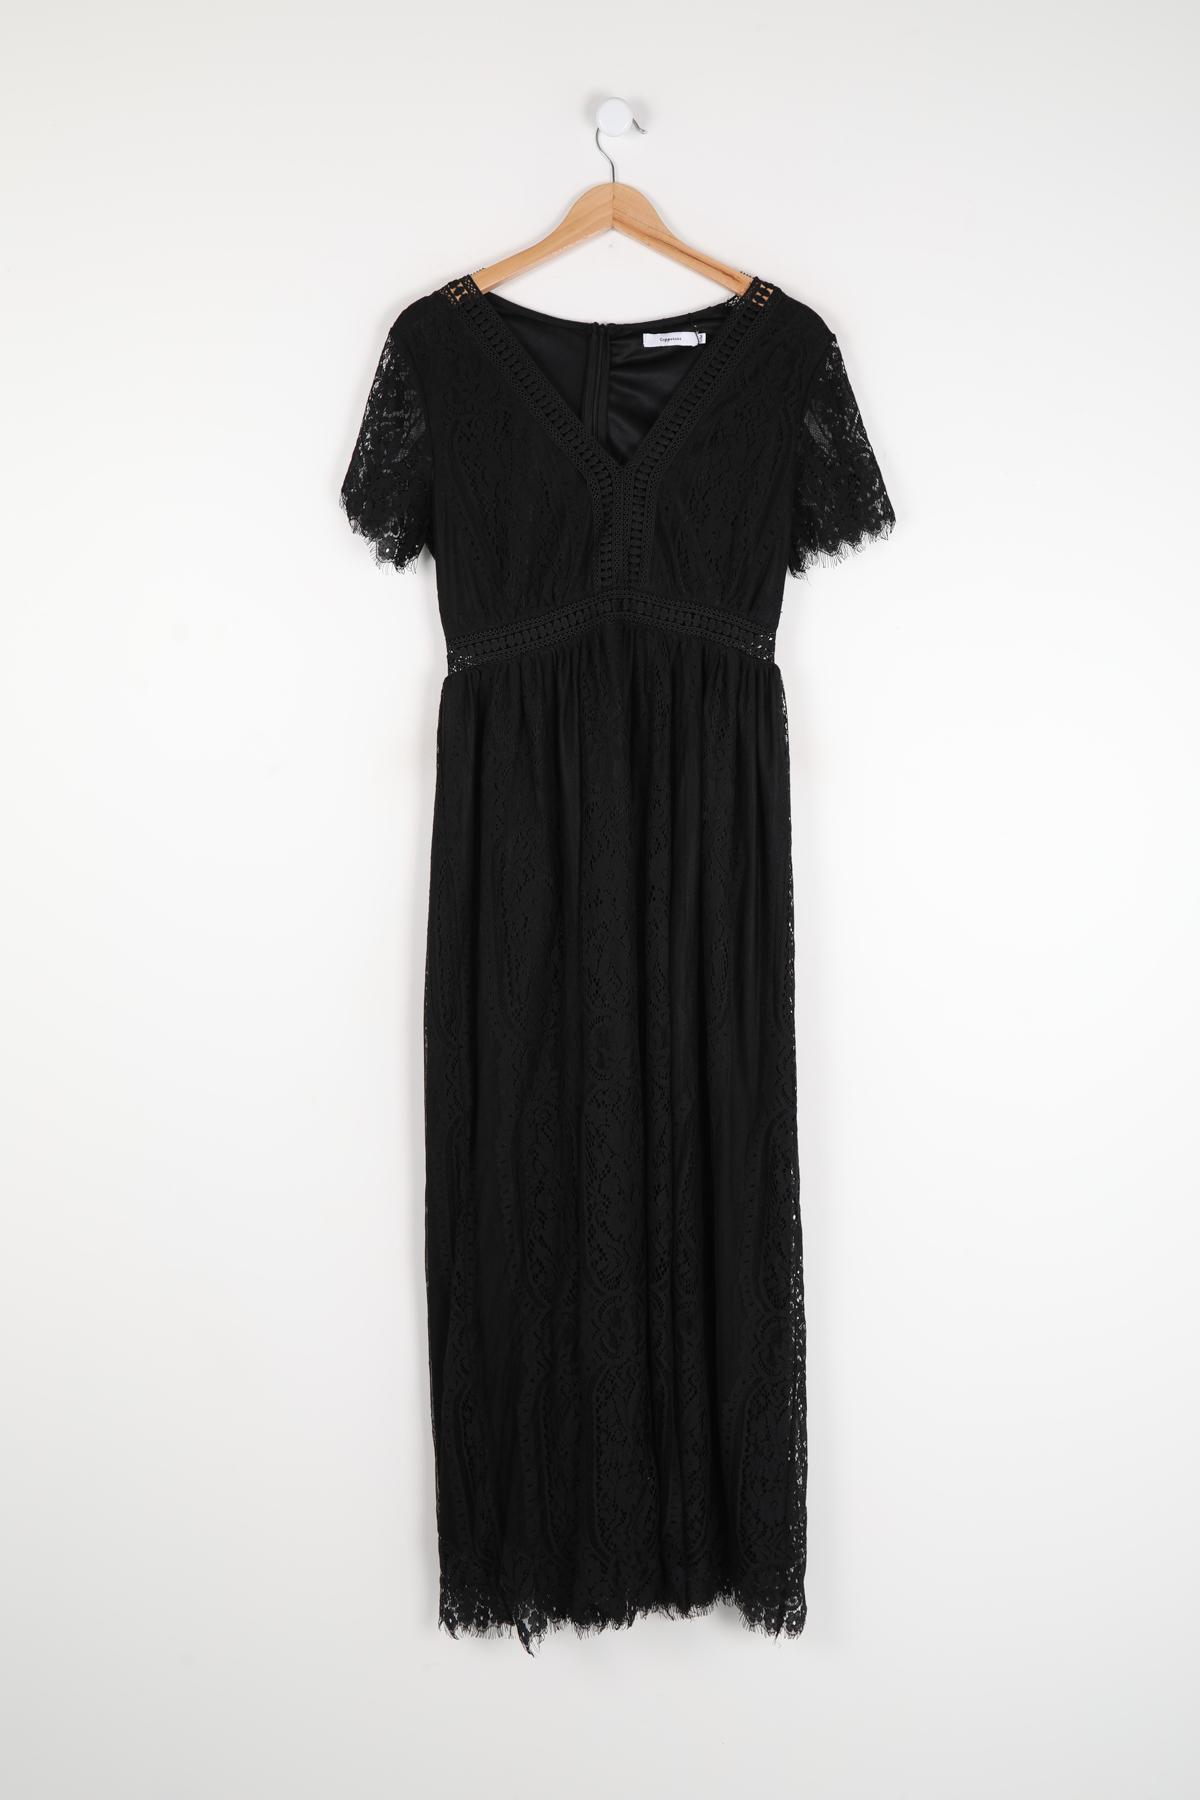 Robes longues Femme Noir COPPEROSE MP5100 #c eFashion Paris